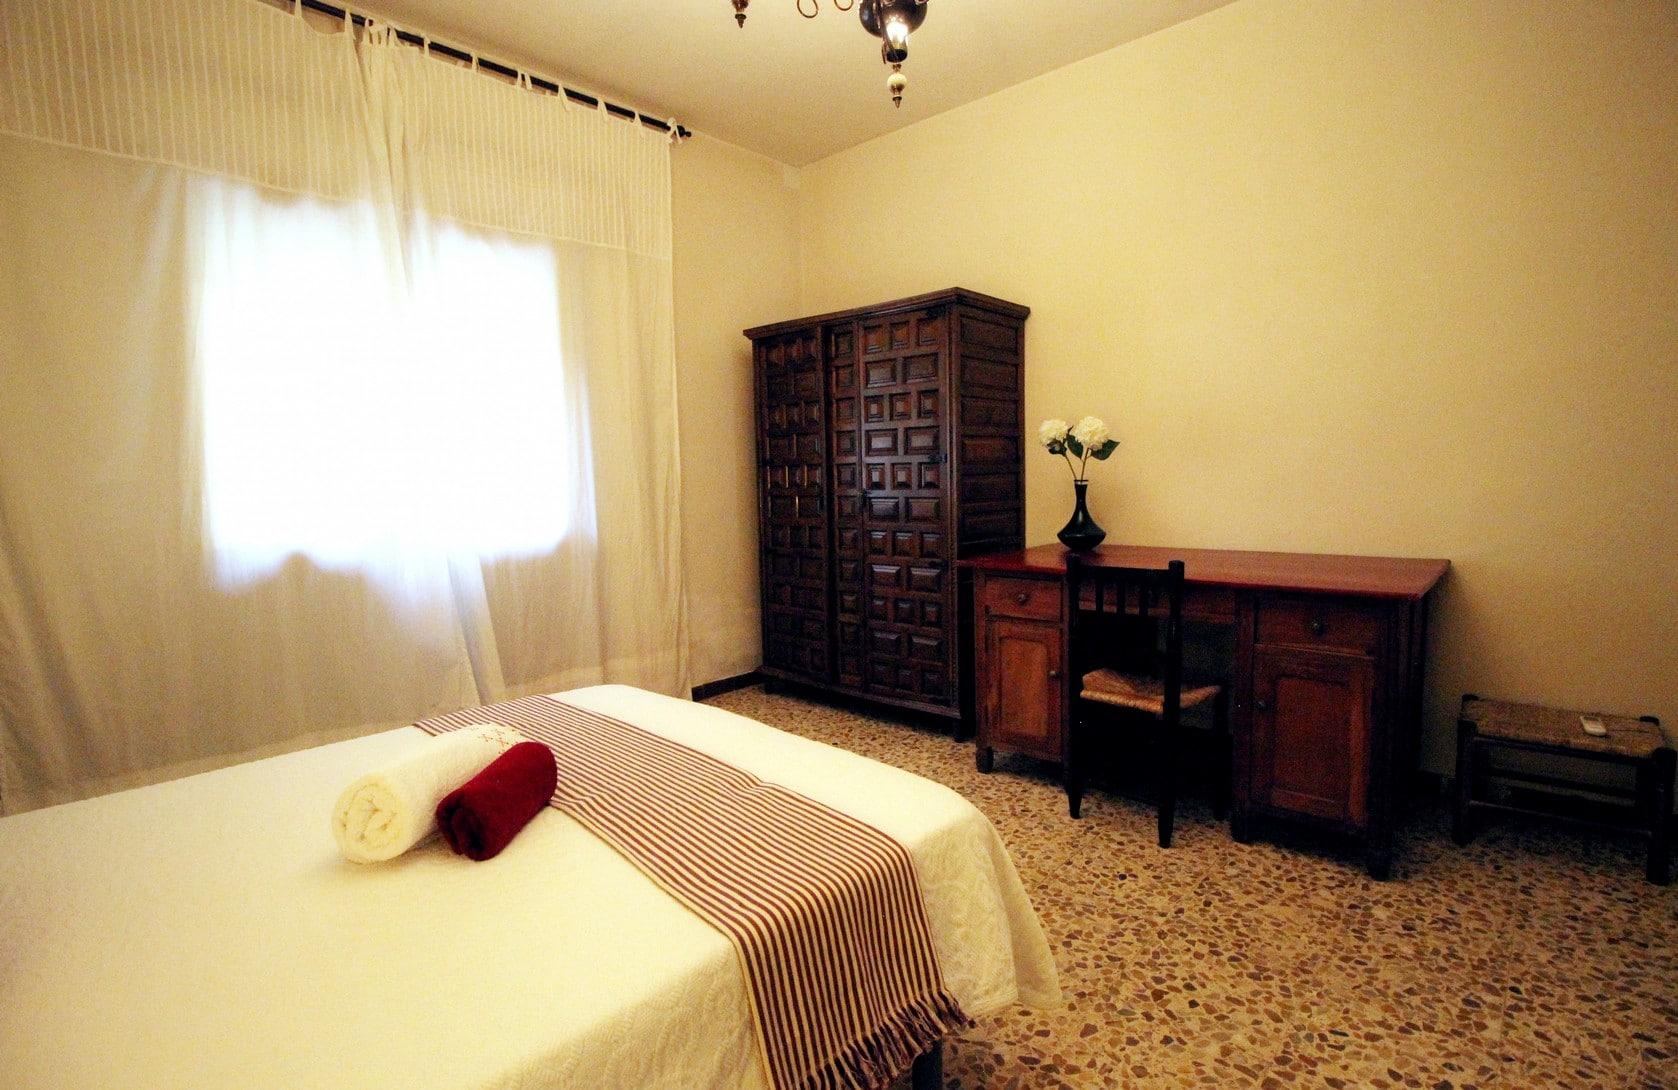 habitación5_las_hazas jarandilla022